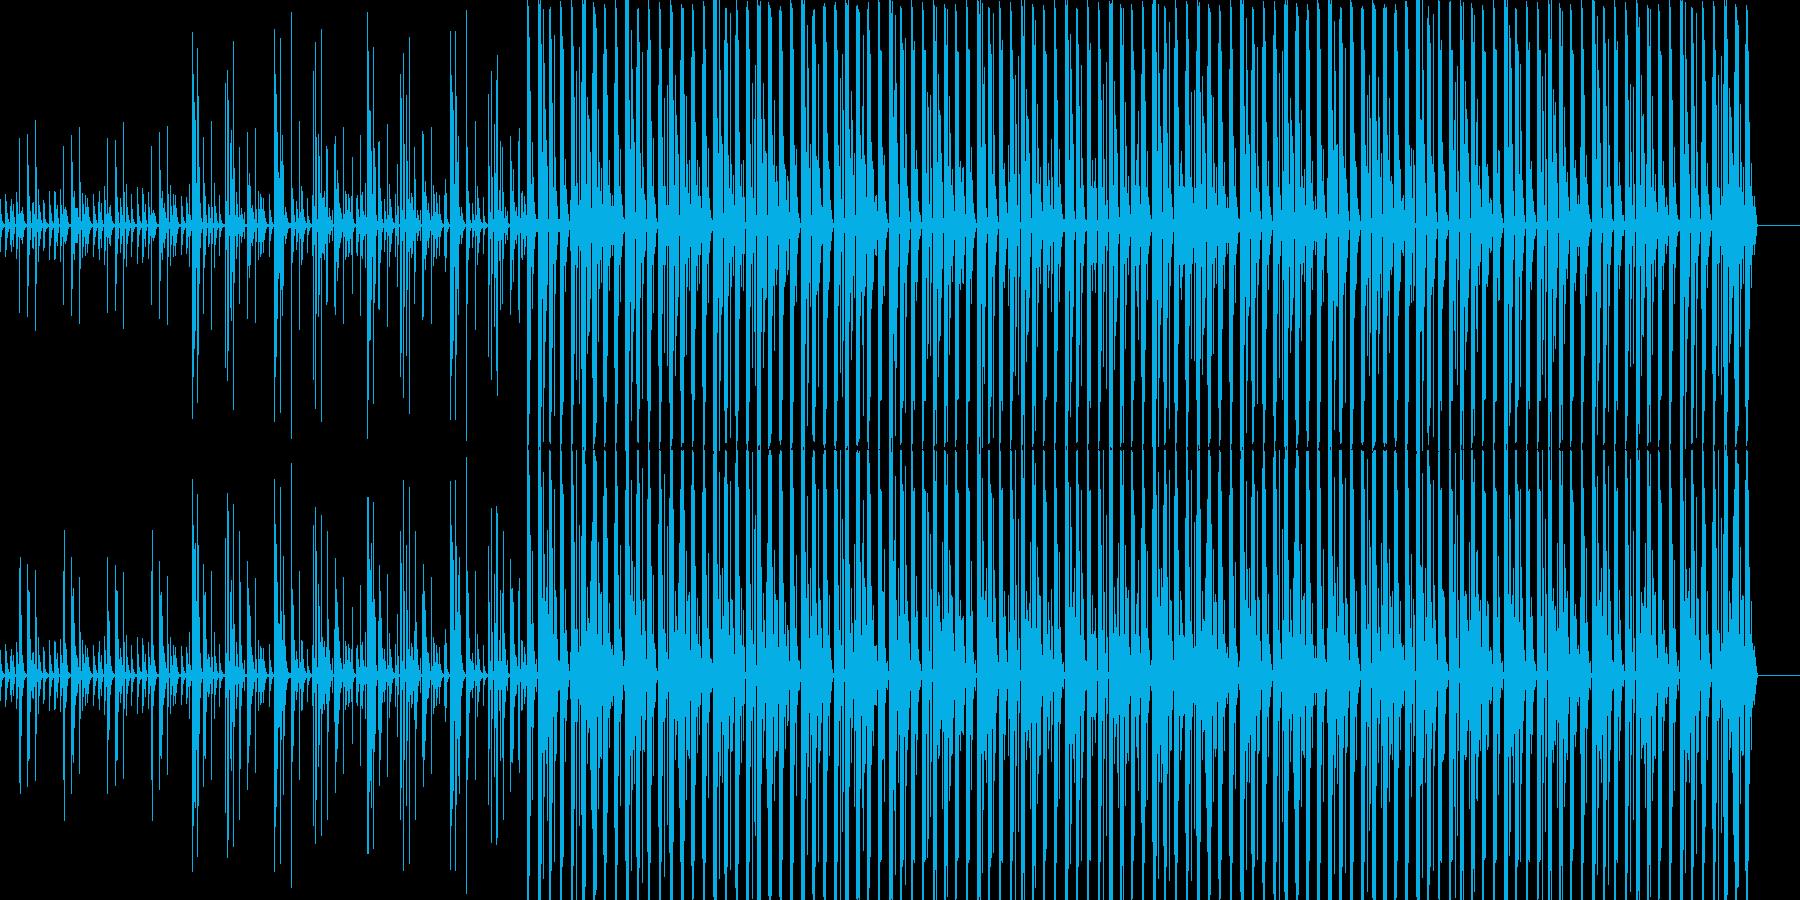 よくわからない気持ちになるミニマルテクノの再生済みの波形